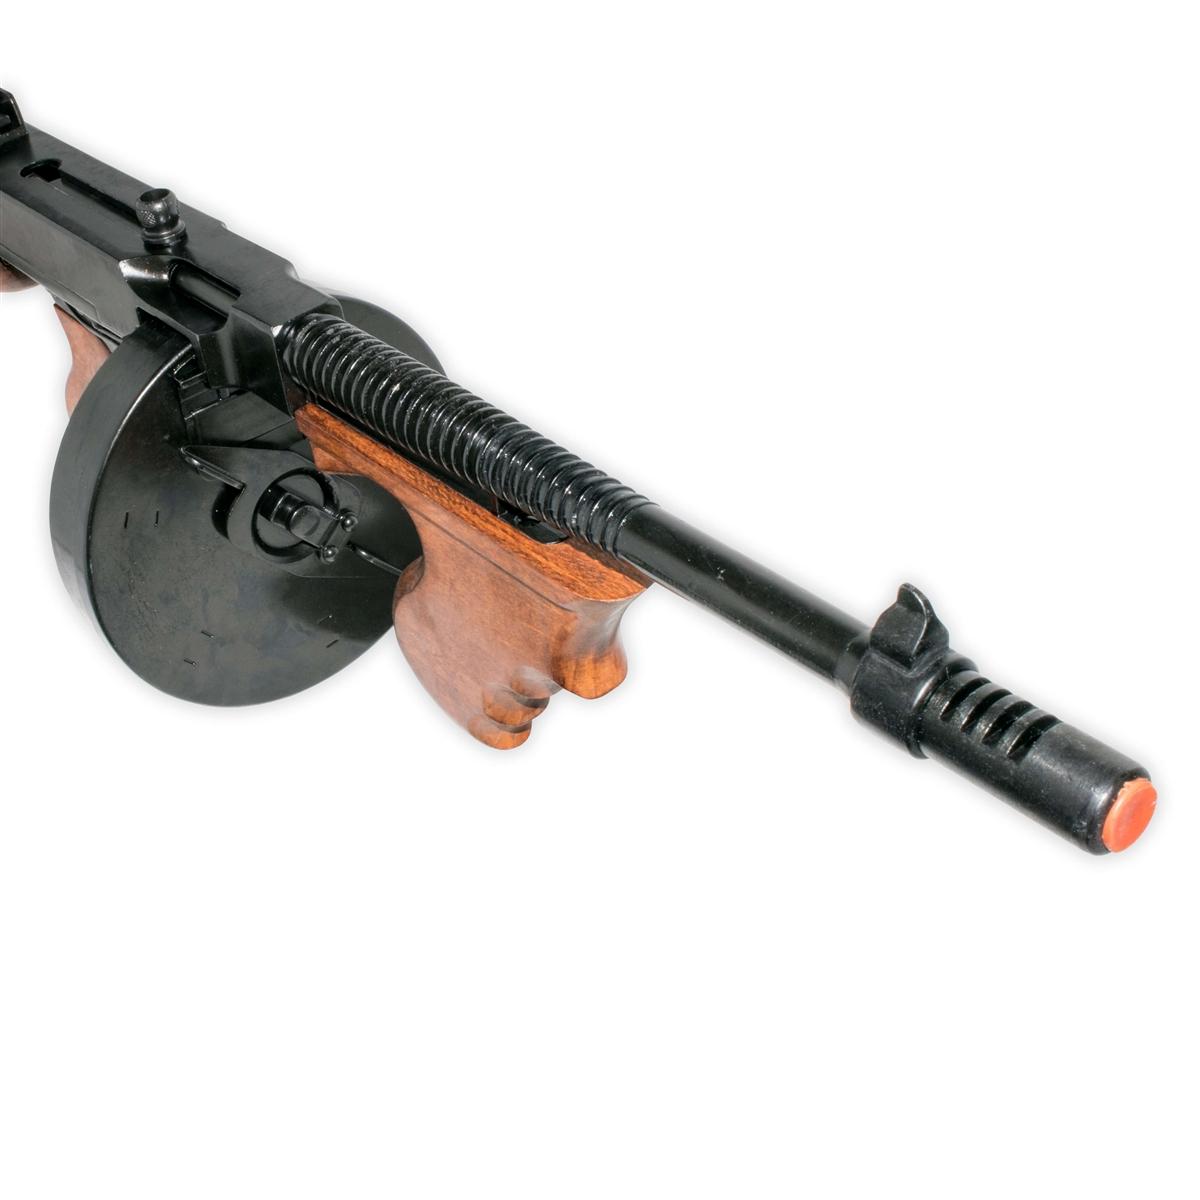 Thompson Submachine Gun (1918)